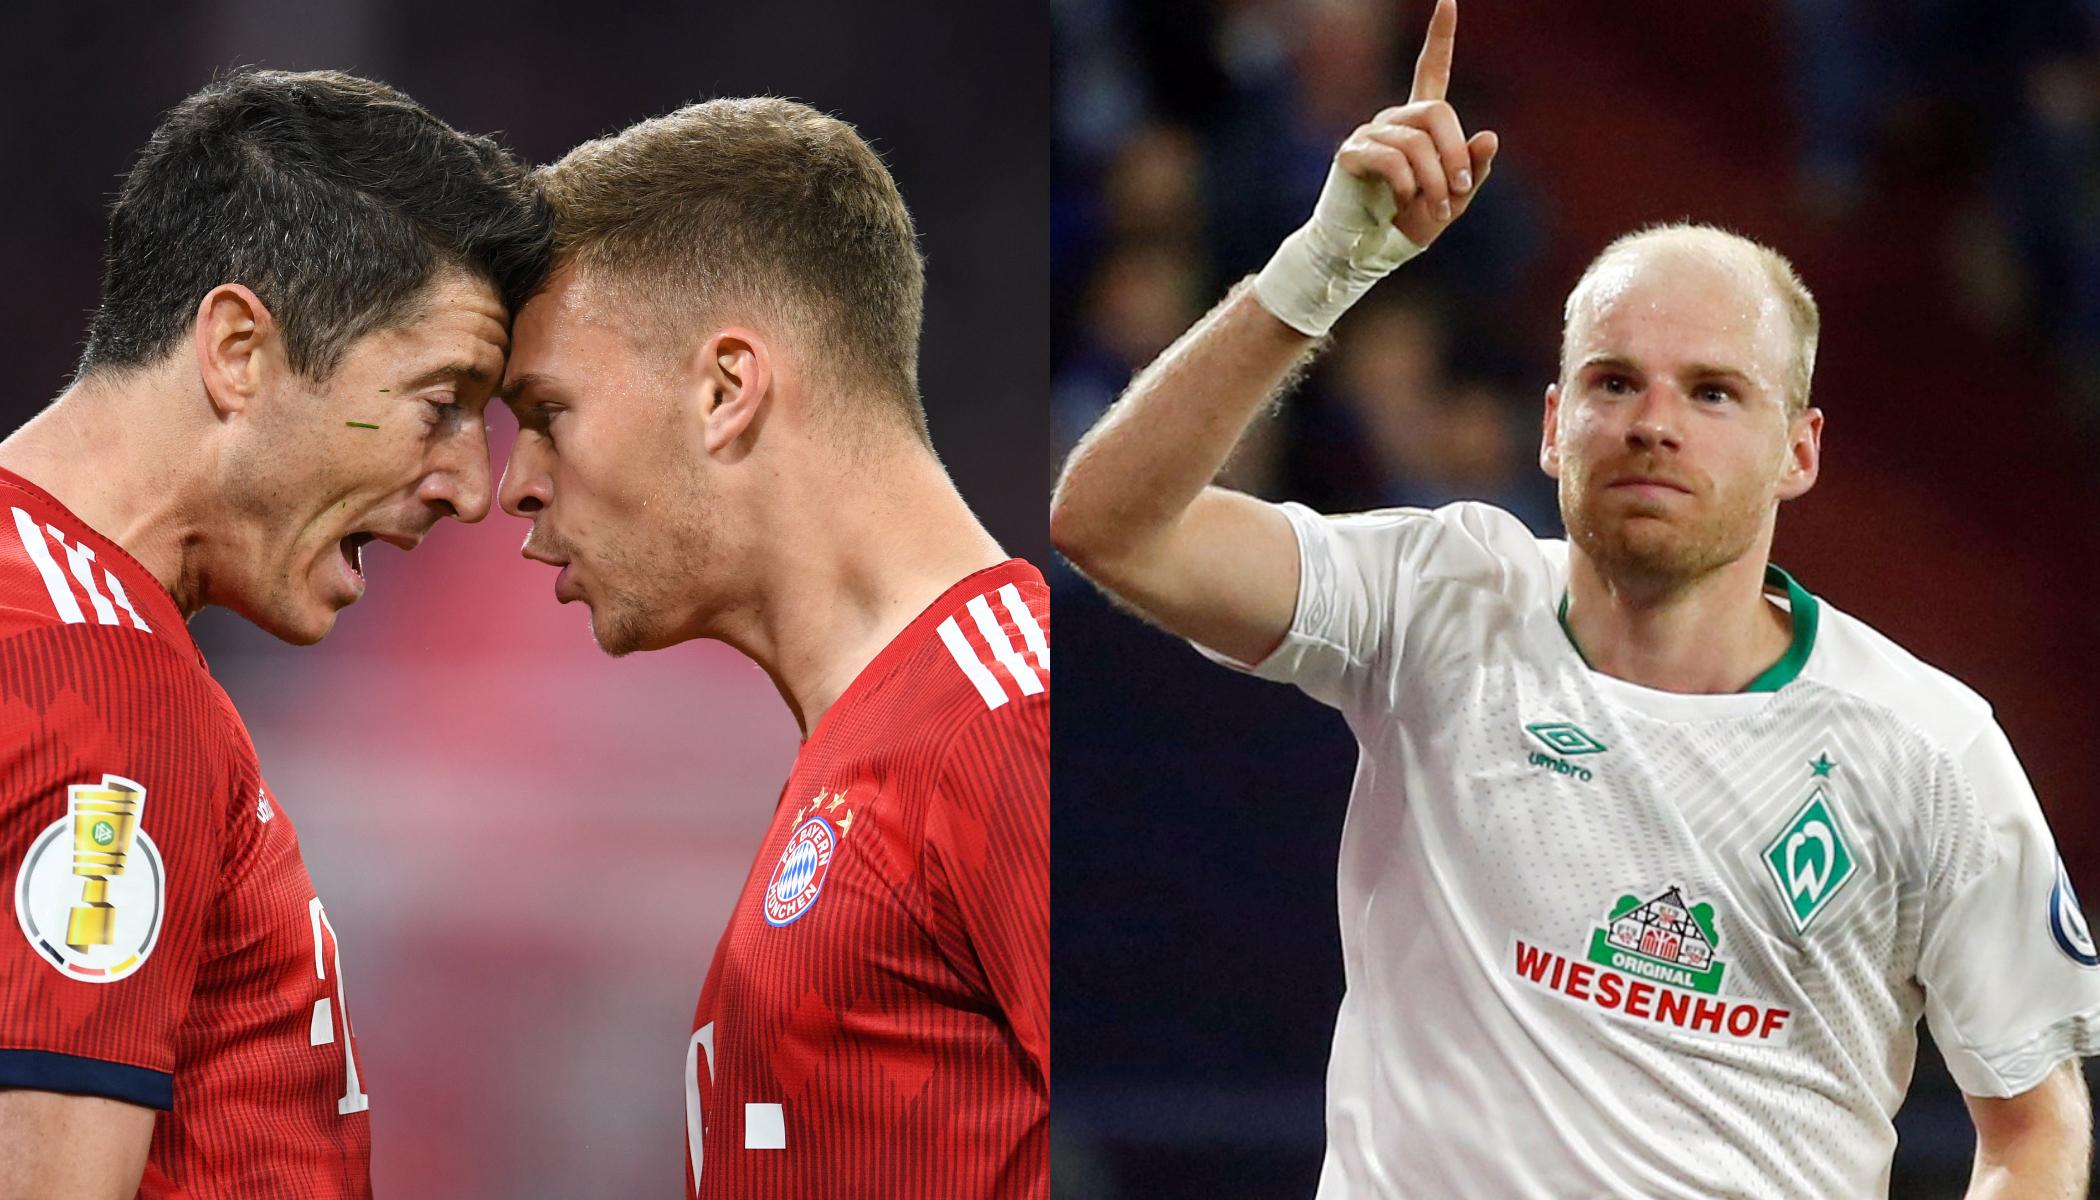 En fotos: el intenso paso de Bayern Munich y Werder Bremen a Semifinales de Copa de Alemania